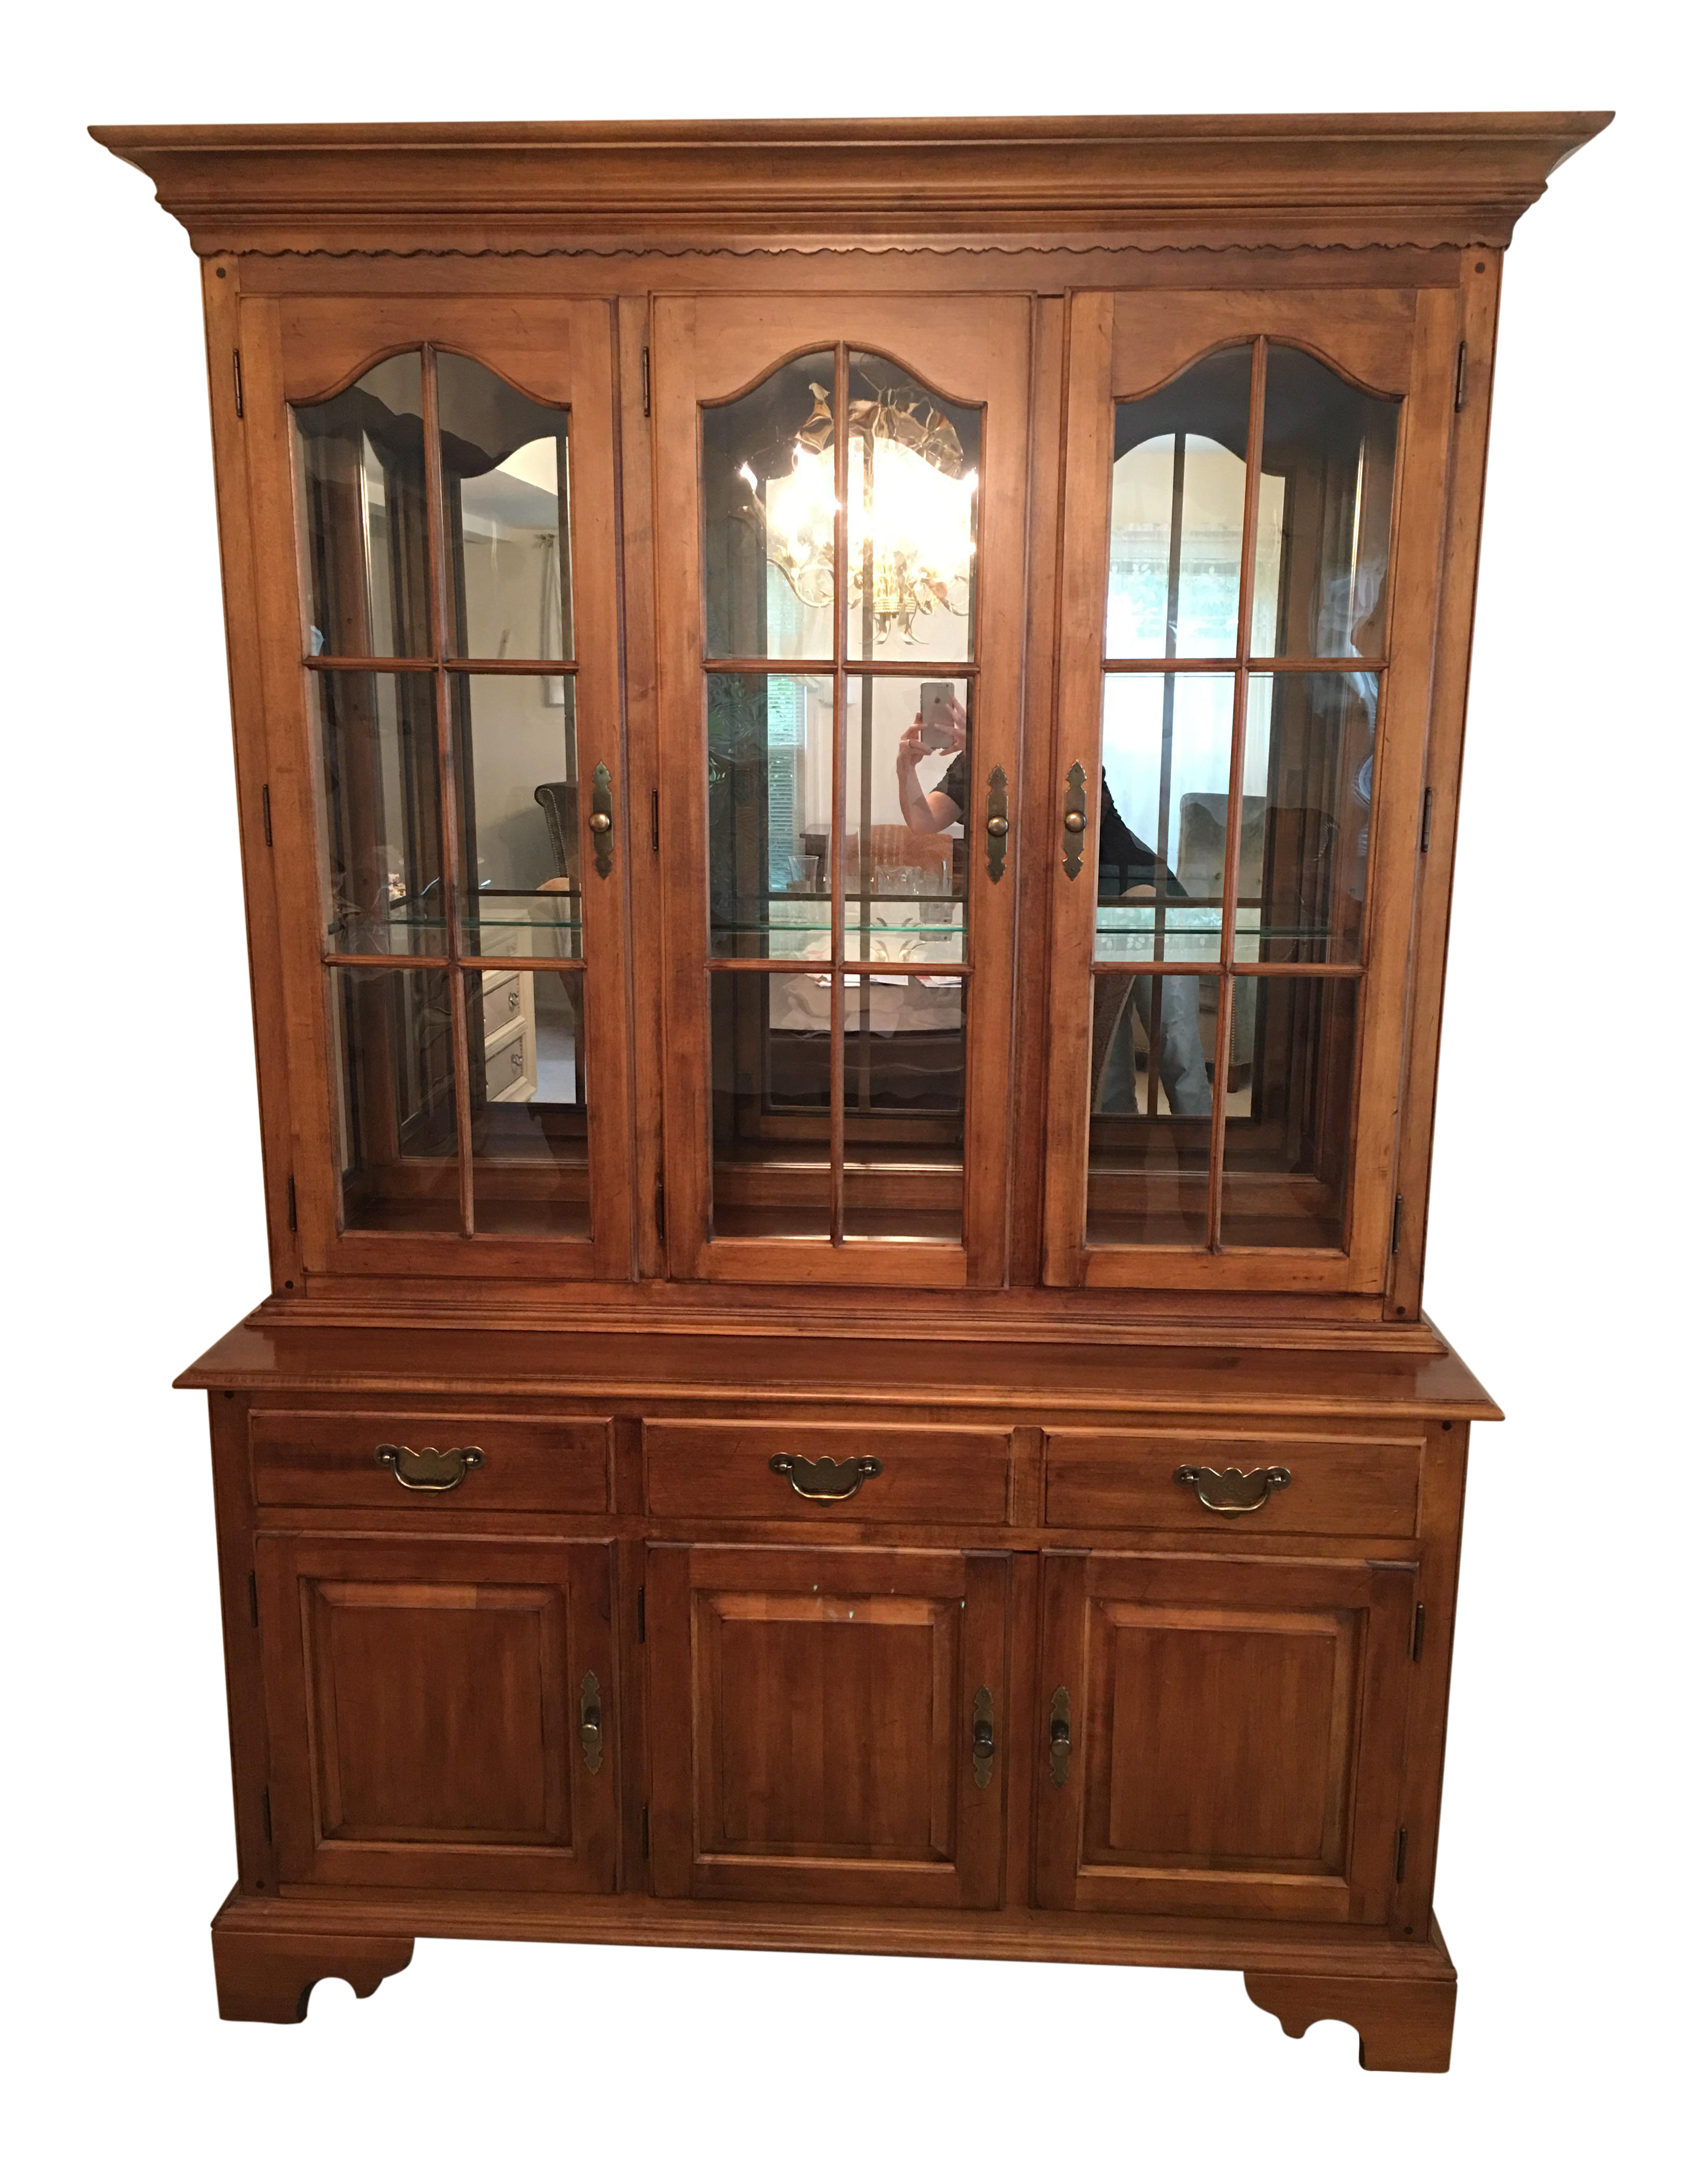 vintage & used ethan allen furniture, decor & lighting